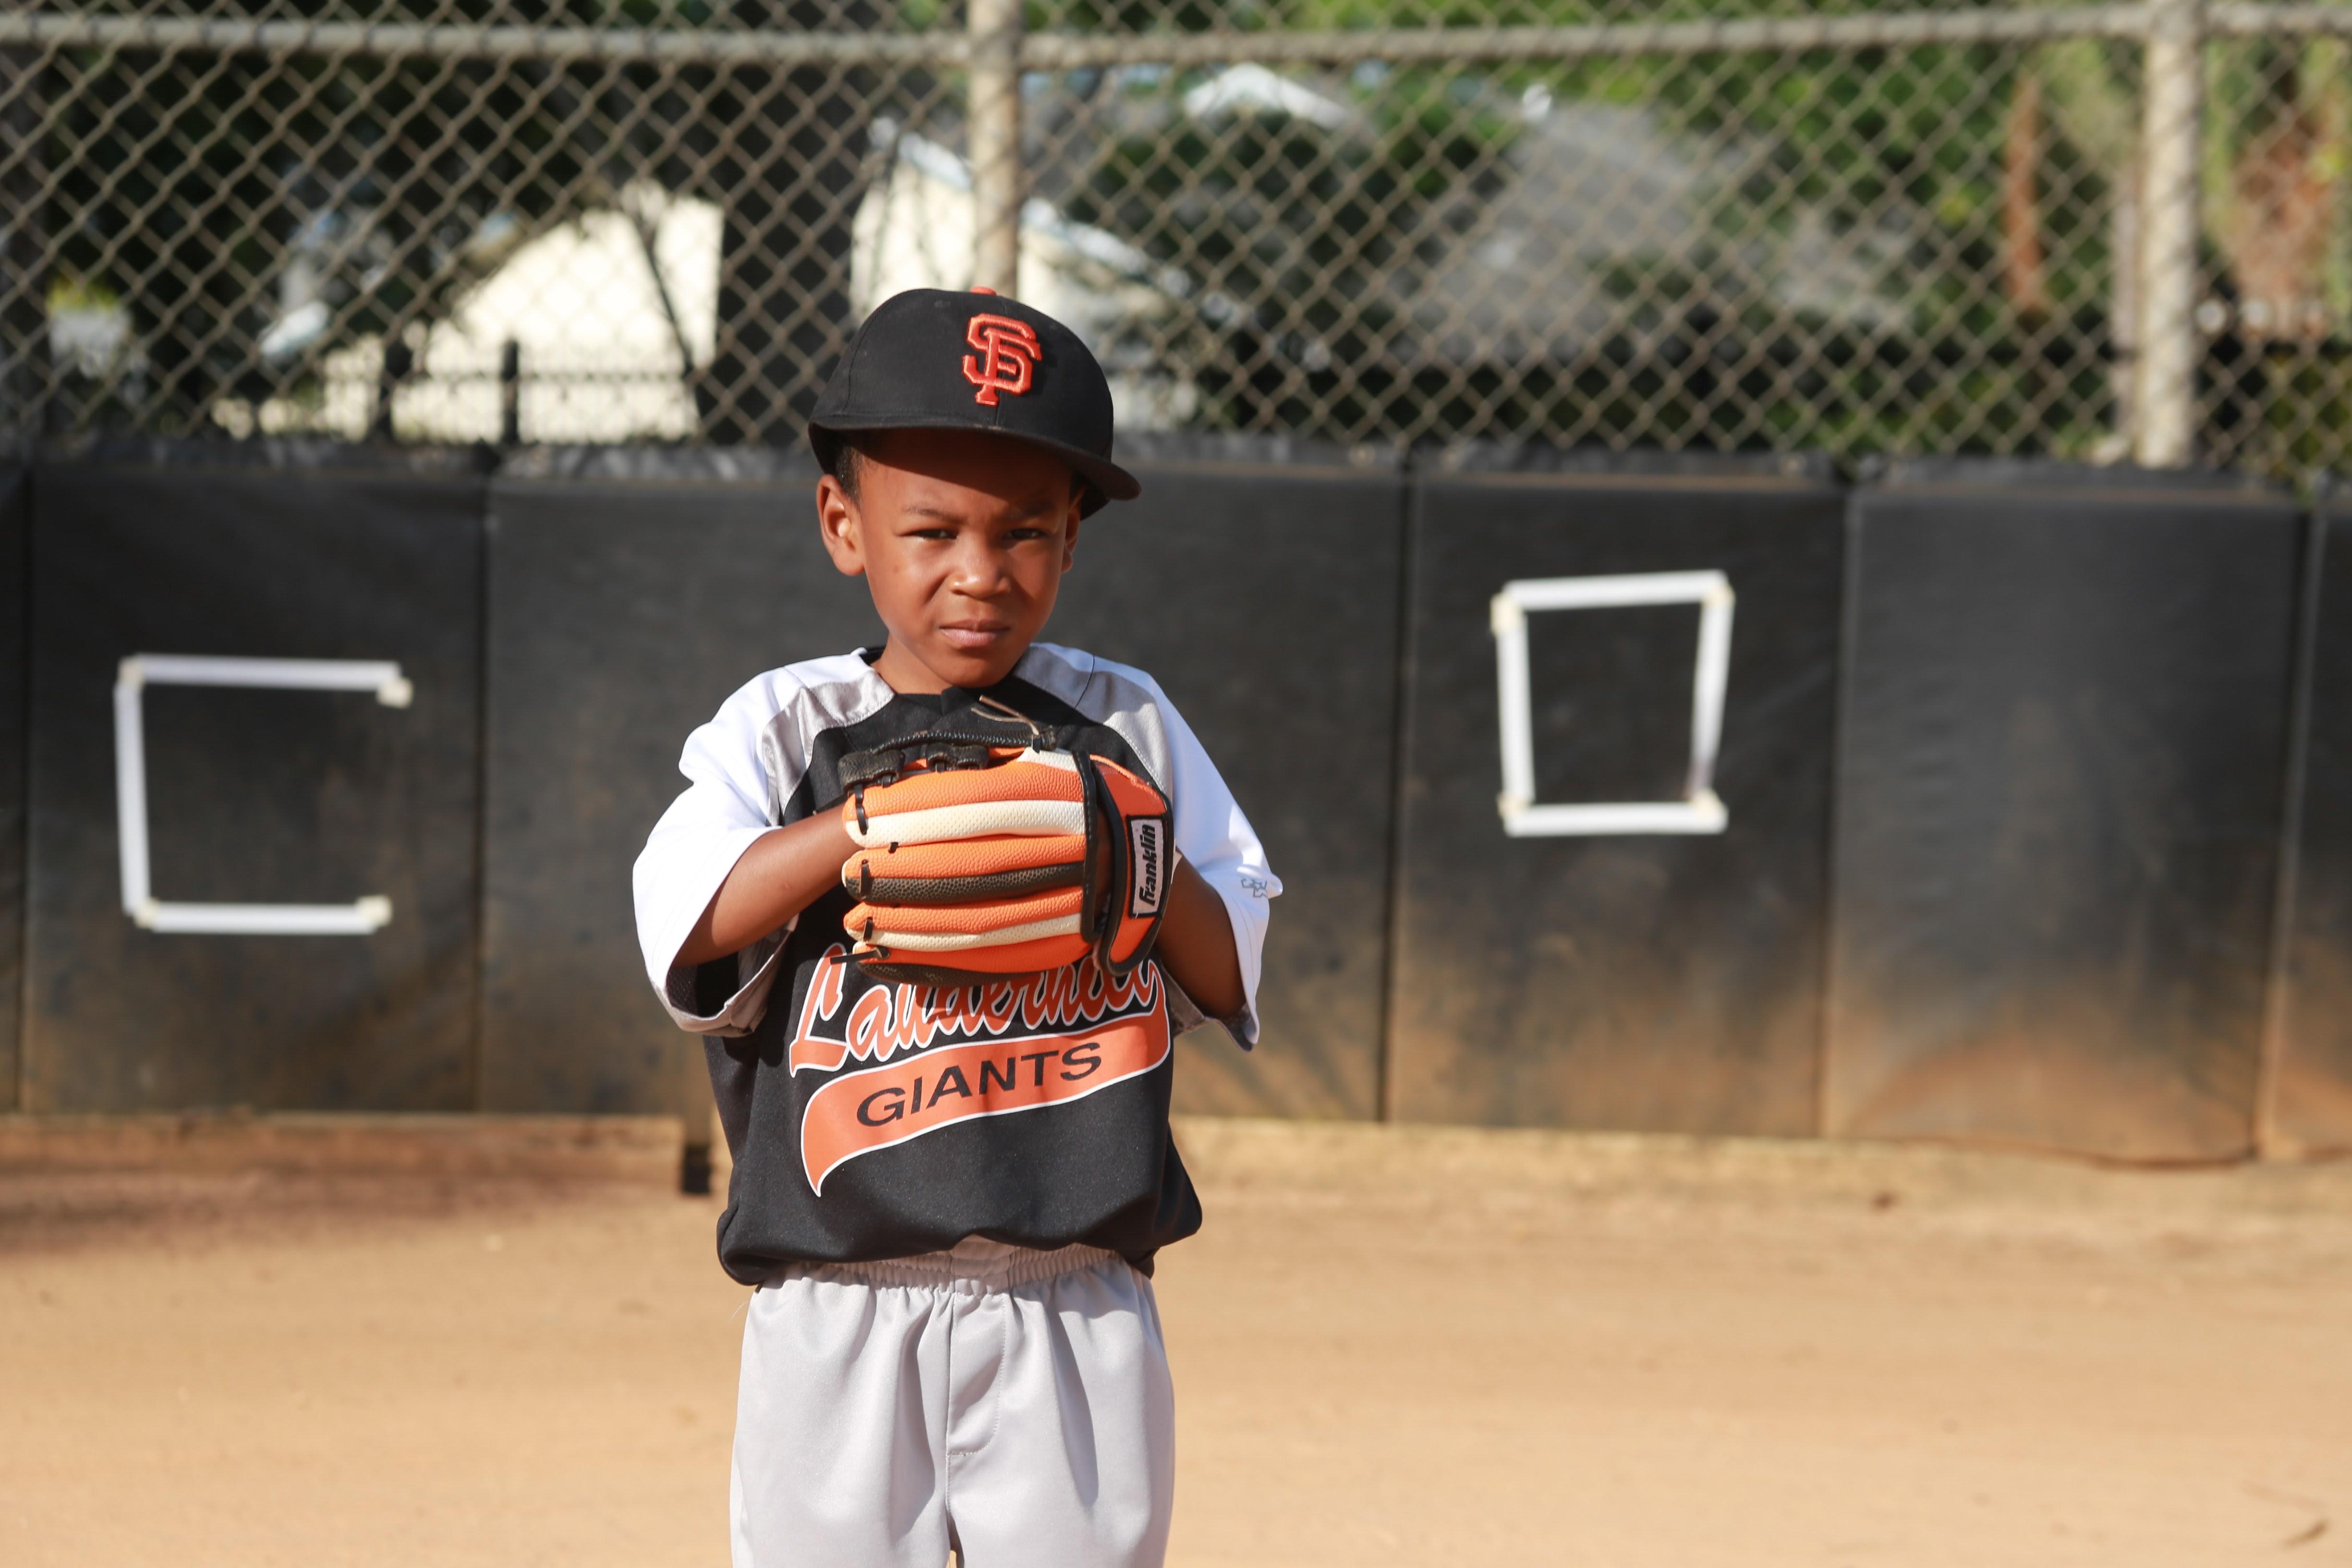 Black kids playing baseball